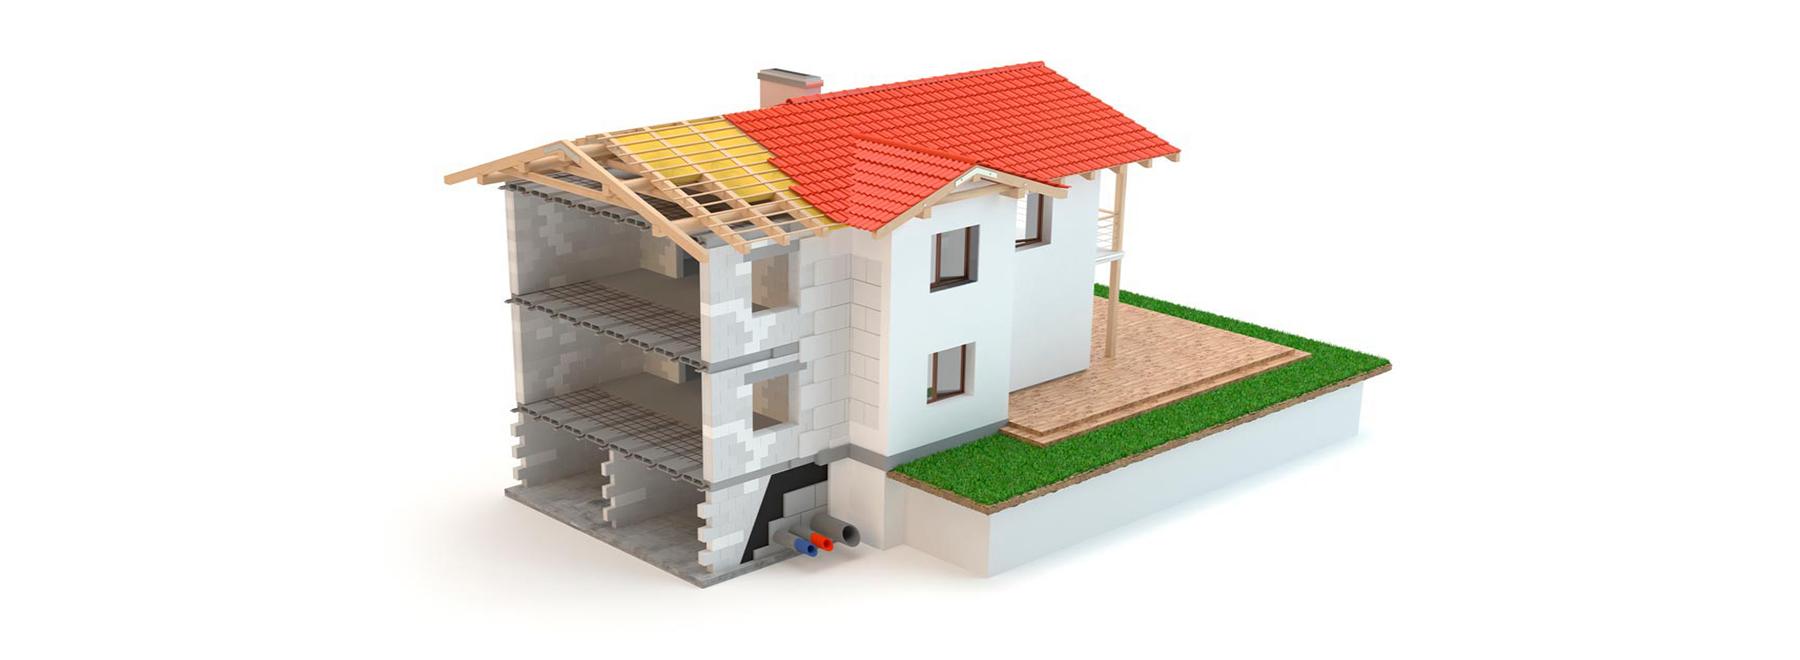 Строительство и ремонт домов под ключ в МинскеСтроительство и ремонт домов под ключ в Минске